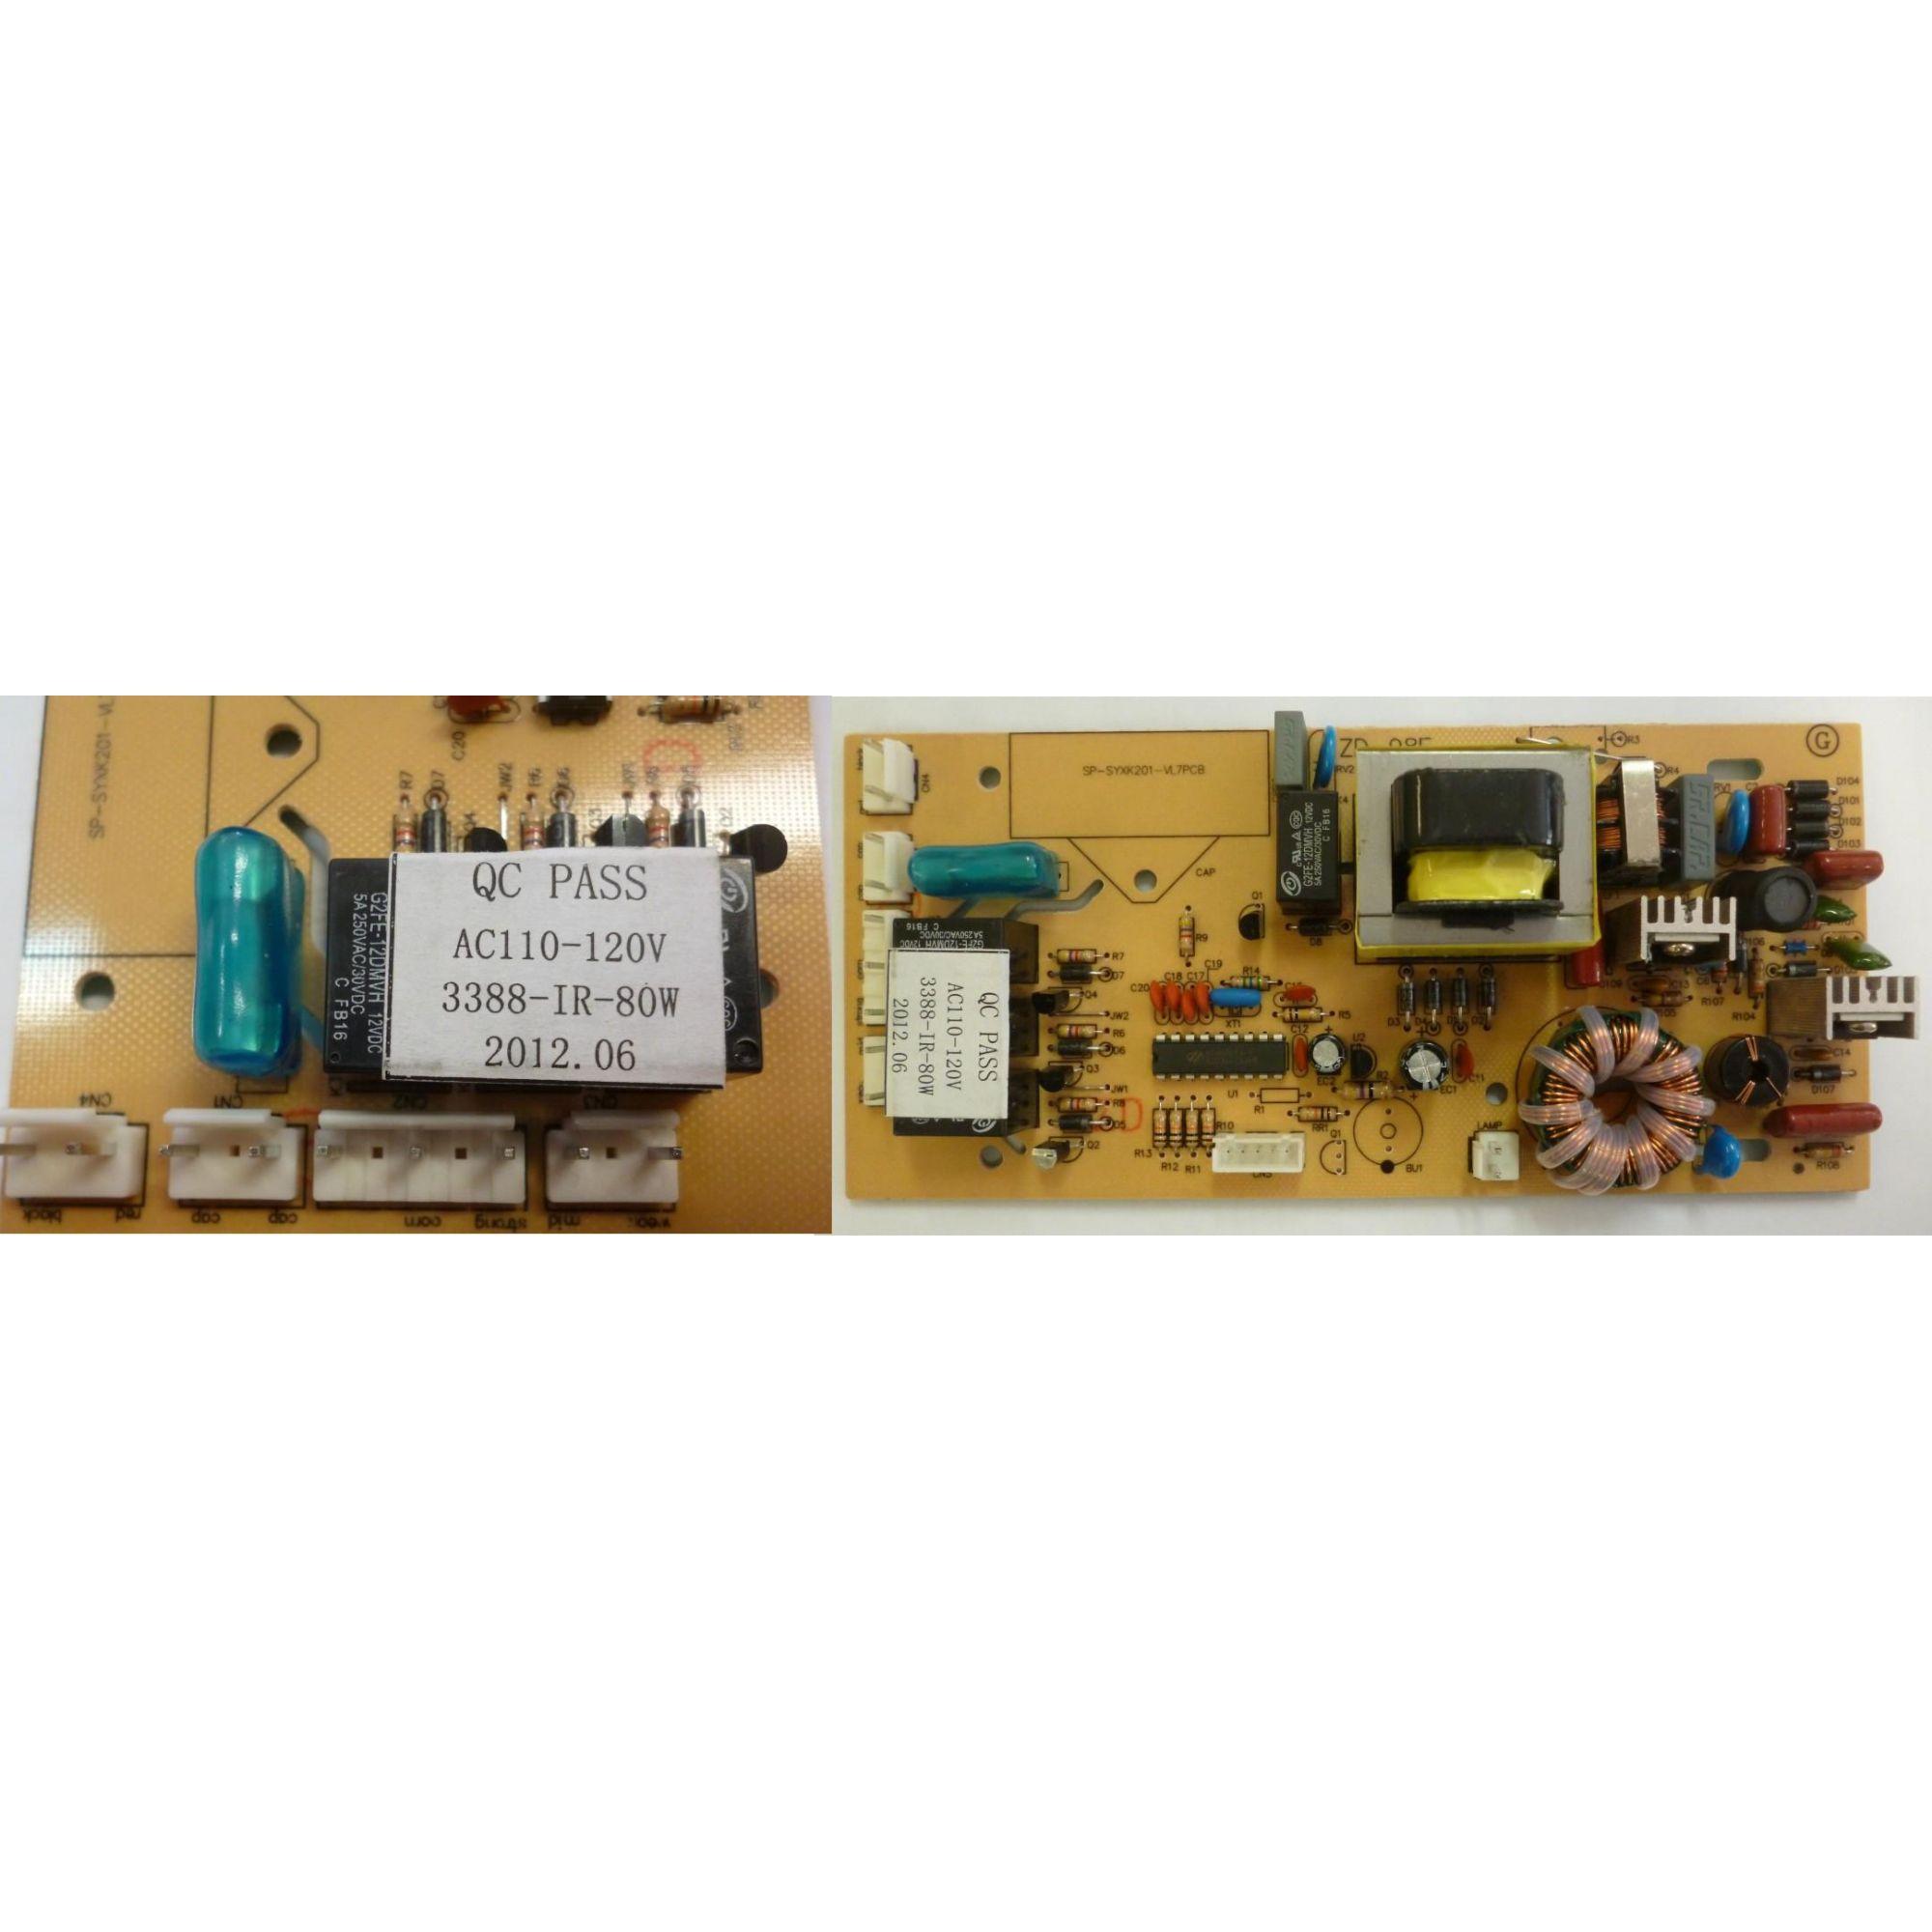 Placa Eletronica Da Coifa De Ilha Fischer 127v c/ Capacitor  - HL SERVICE